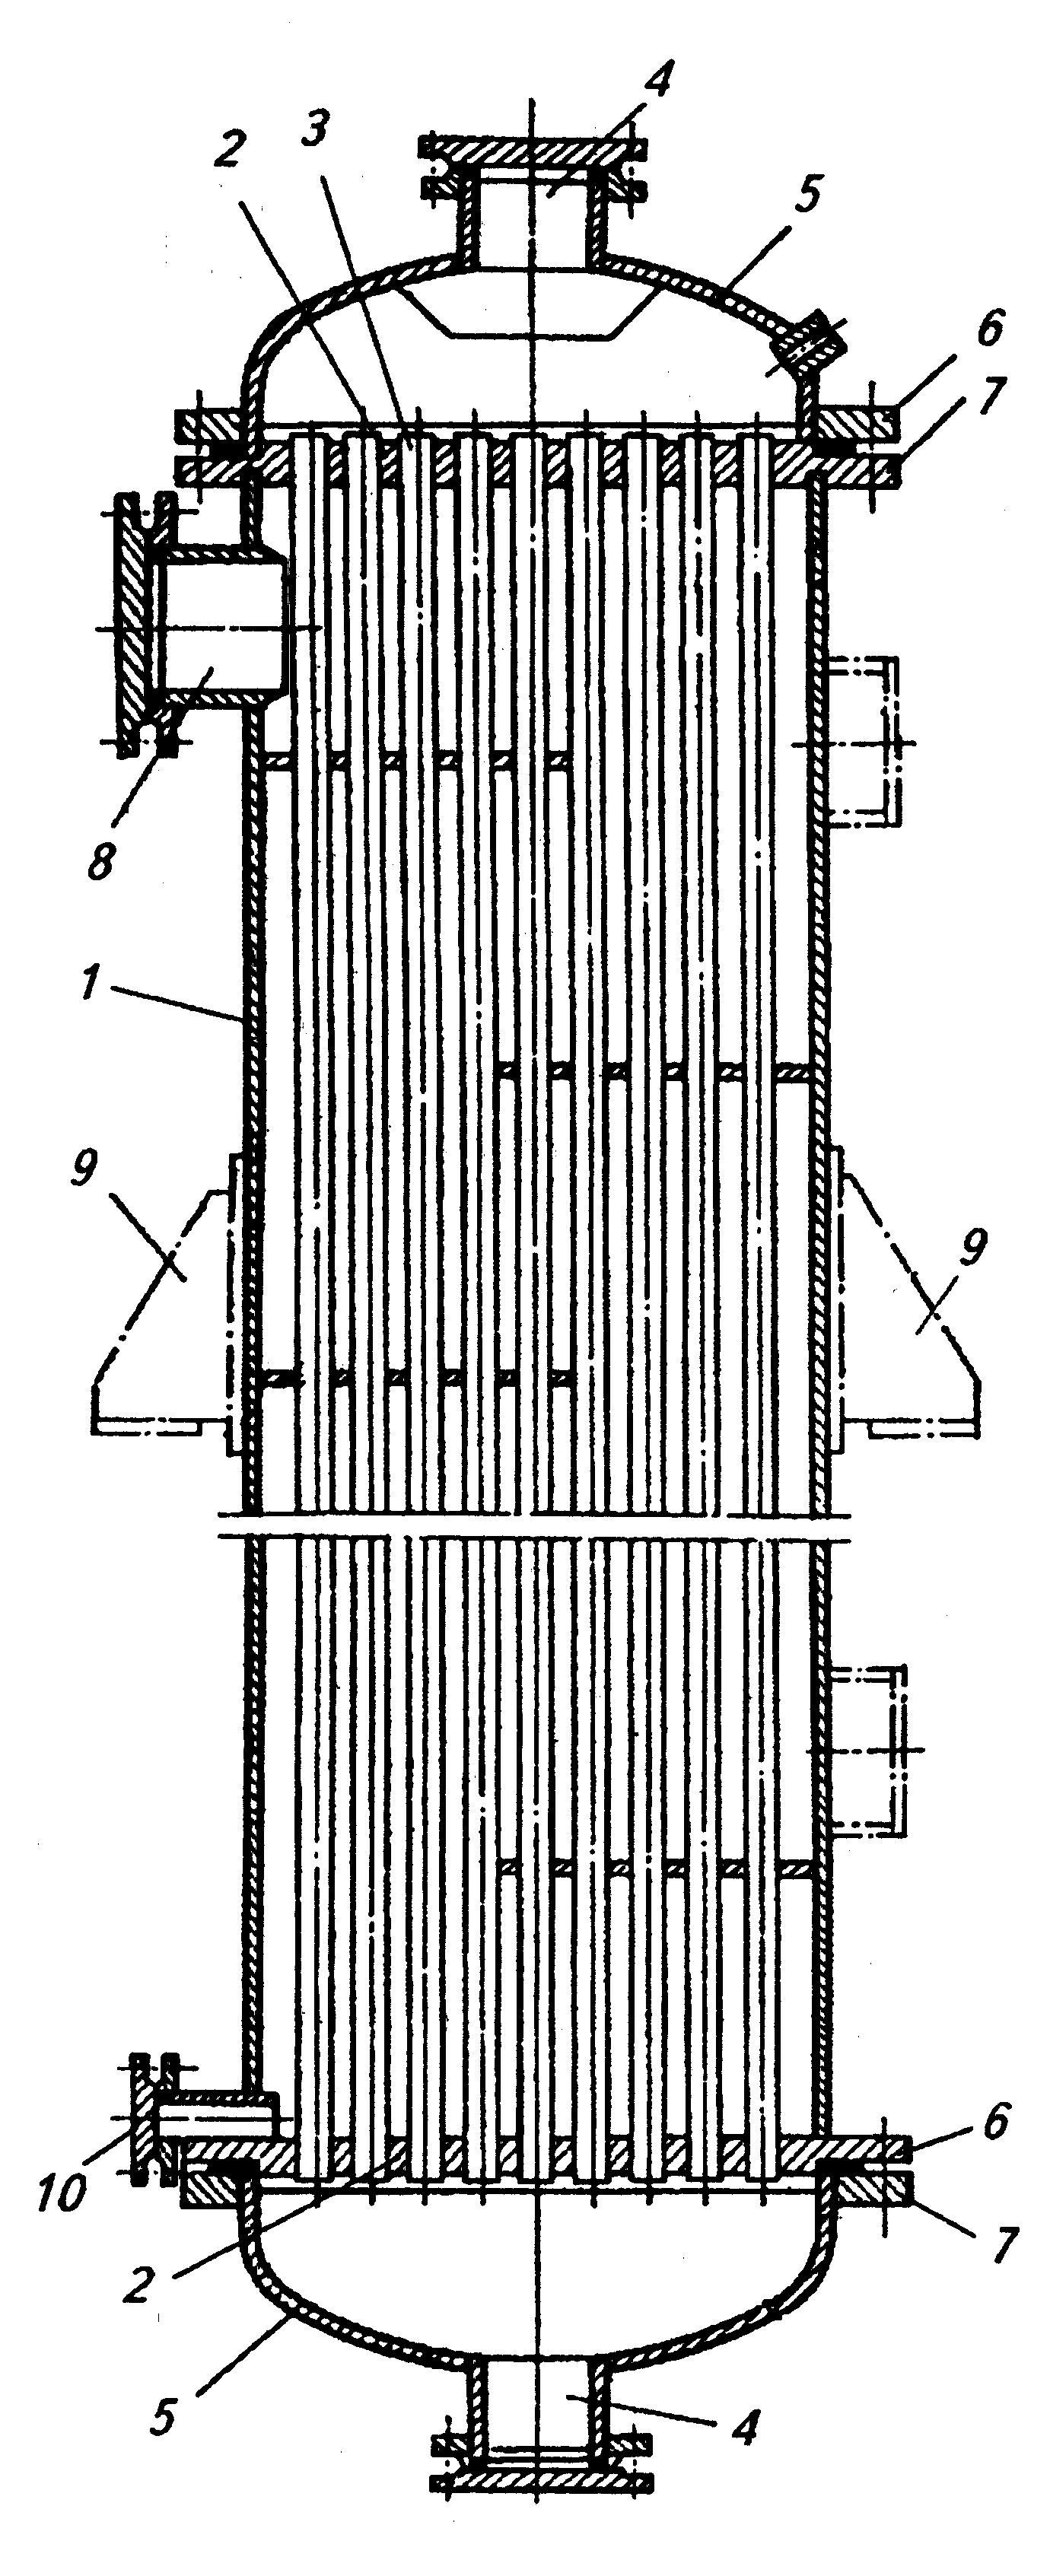 Термический теплообменник методика расчета пластинчатого теплообменника гвс альфа лаваль вручную